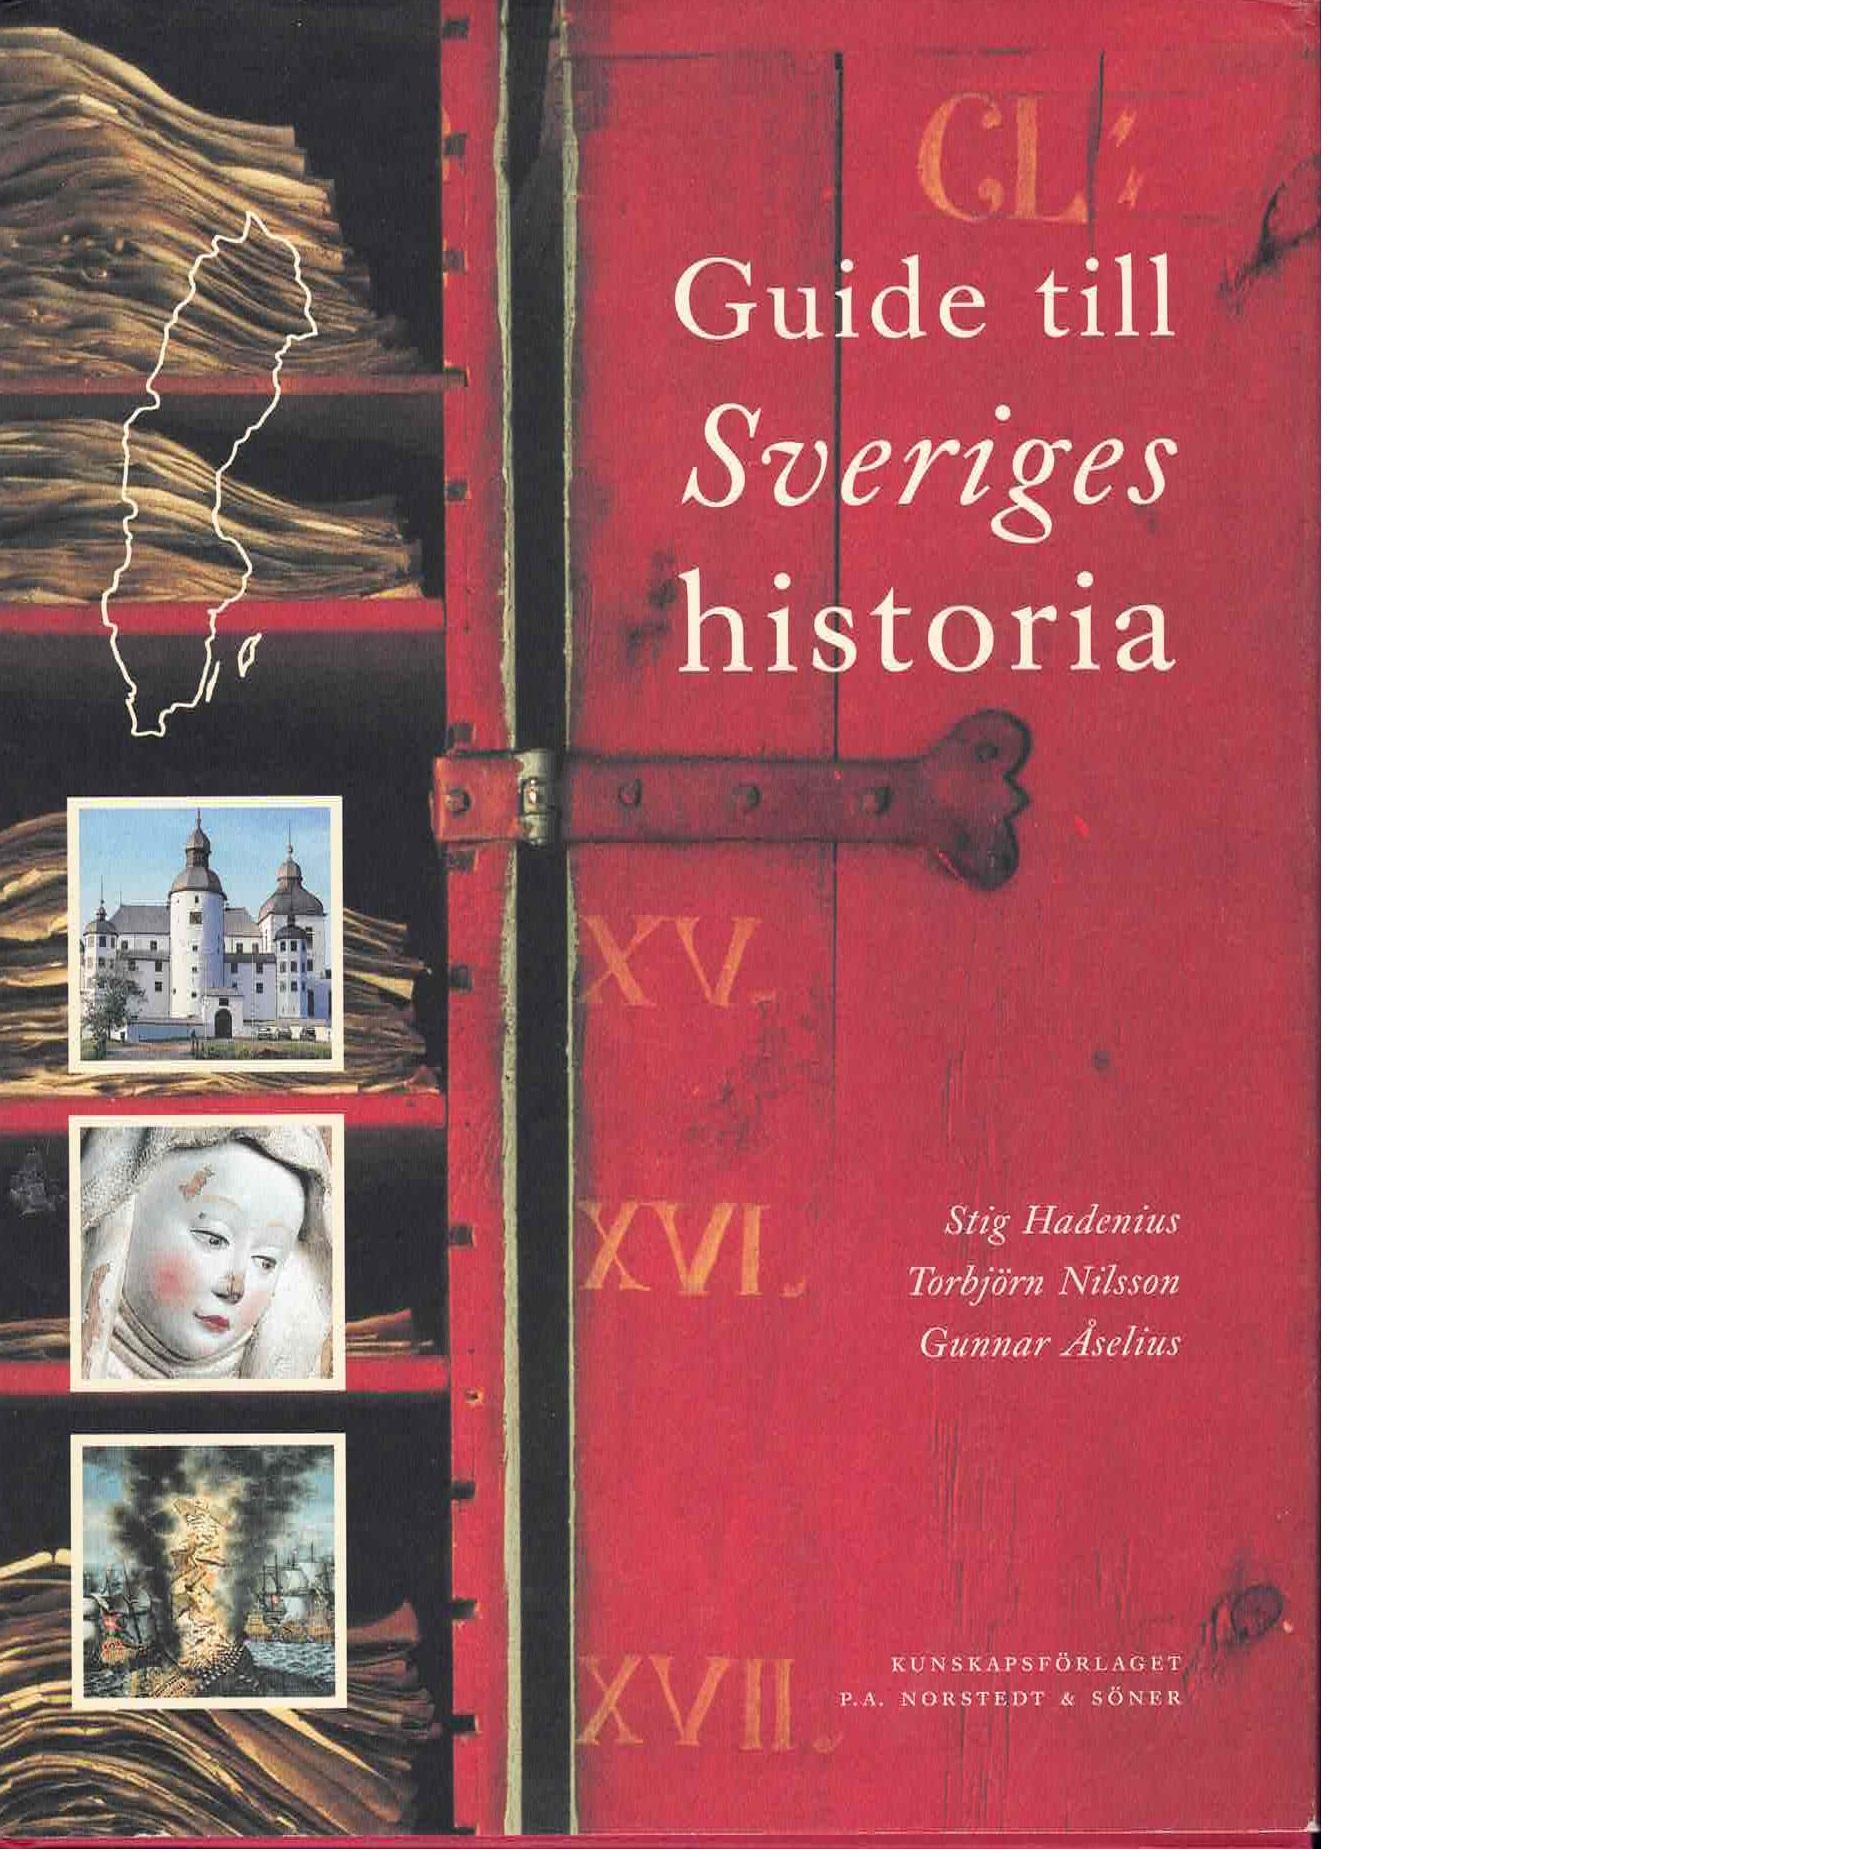 Guide till Sveriges historia - Hadenius, Stig och Nilsson, Torbjörn samt Åselius, Gunnar